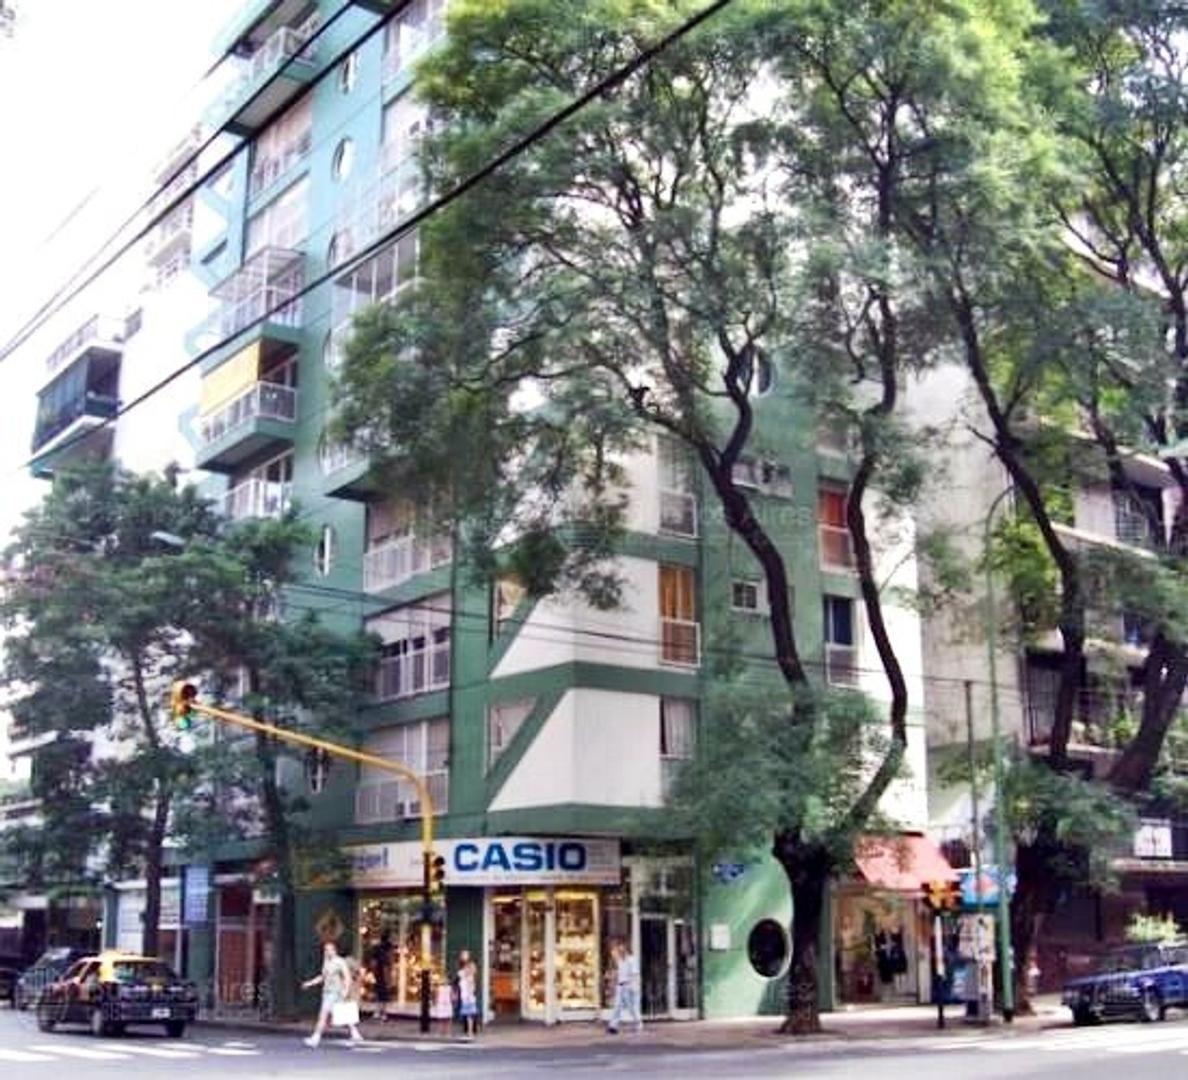 Palermo venta apto credito 3 ambientes en piso 14 con vista abierta reciclado luminoso pileta